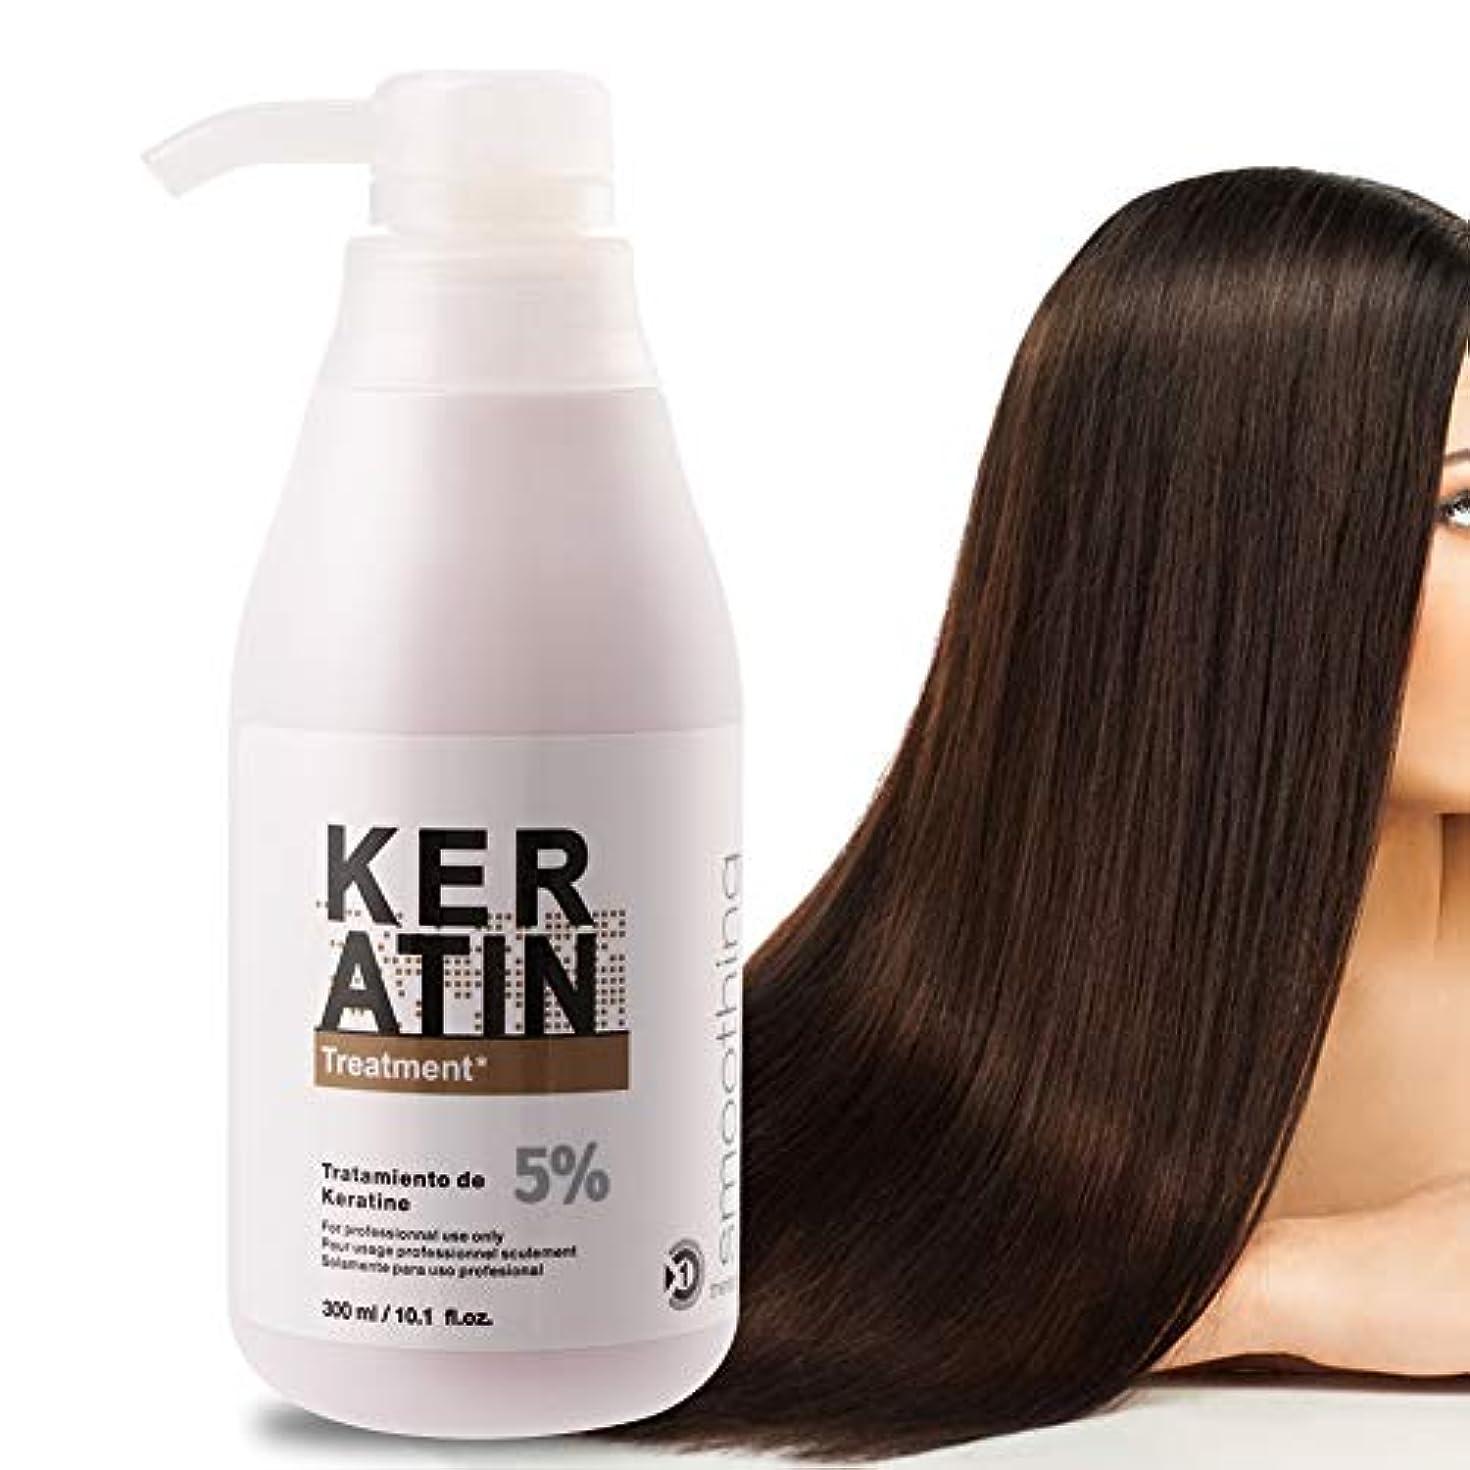 発音する固める異邦人乾いた、ダメージを受けた、そして化学的に処理された髪のためのケラチンとタンパク質のケラチンヘアマスク、300mlブラジルのケラチンヘアトリートメント